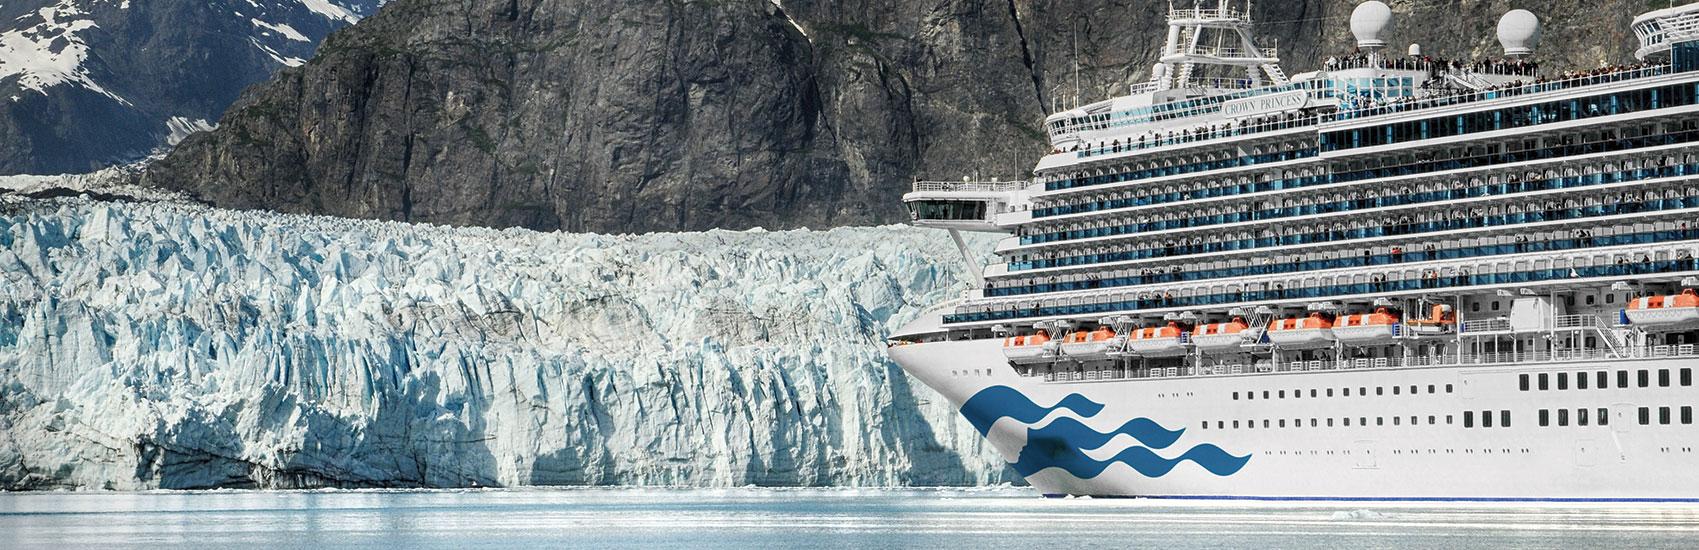 Alaska Adventures Await with Princess Cruises